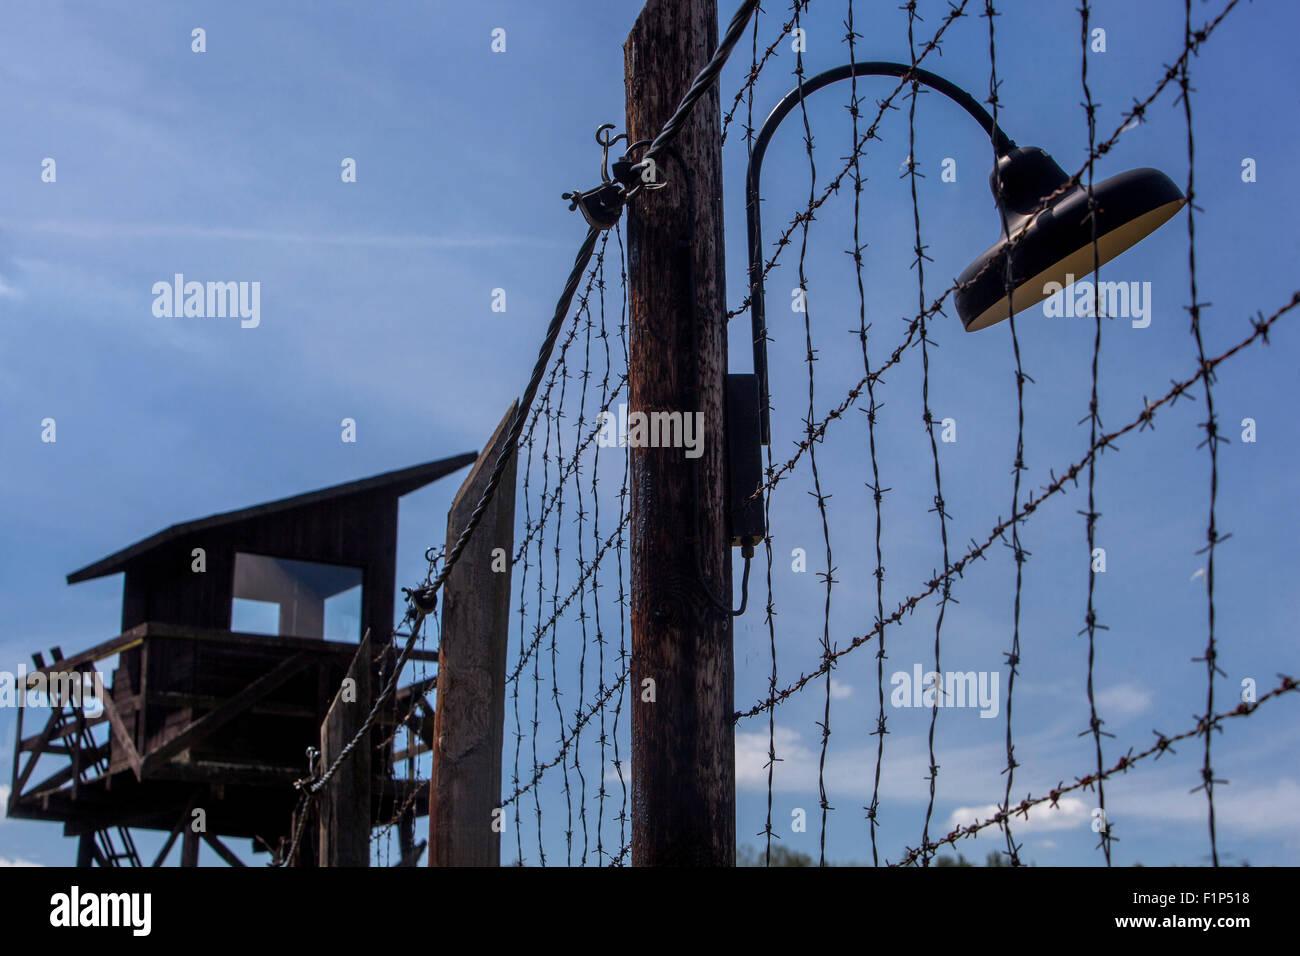 Checoslovaquia el comunismo, la guerra fría, la República Checa, Atalaya de madera Imagen De Stock